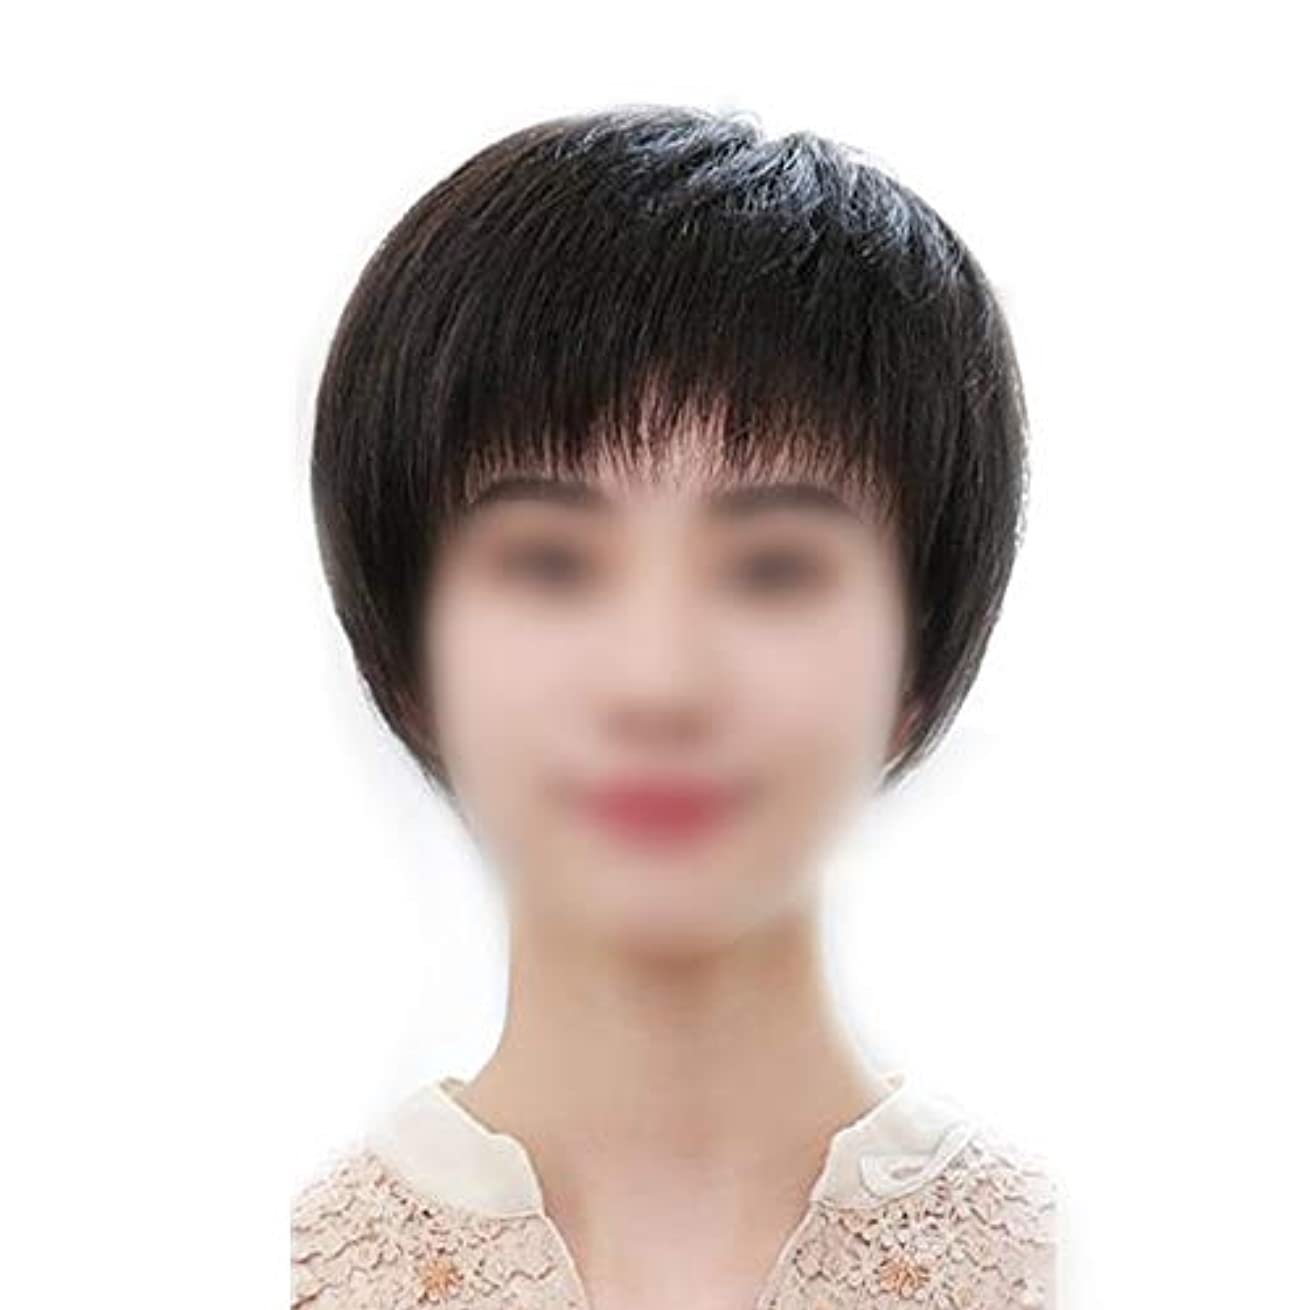 悪魔クアッガ拍手するYOUQIU 女子ショートヘアのフルハンド織実ヘアウィッグ現実的な自然に見えるウィッグ (色 : Dark brown)